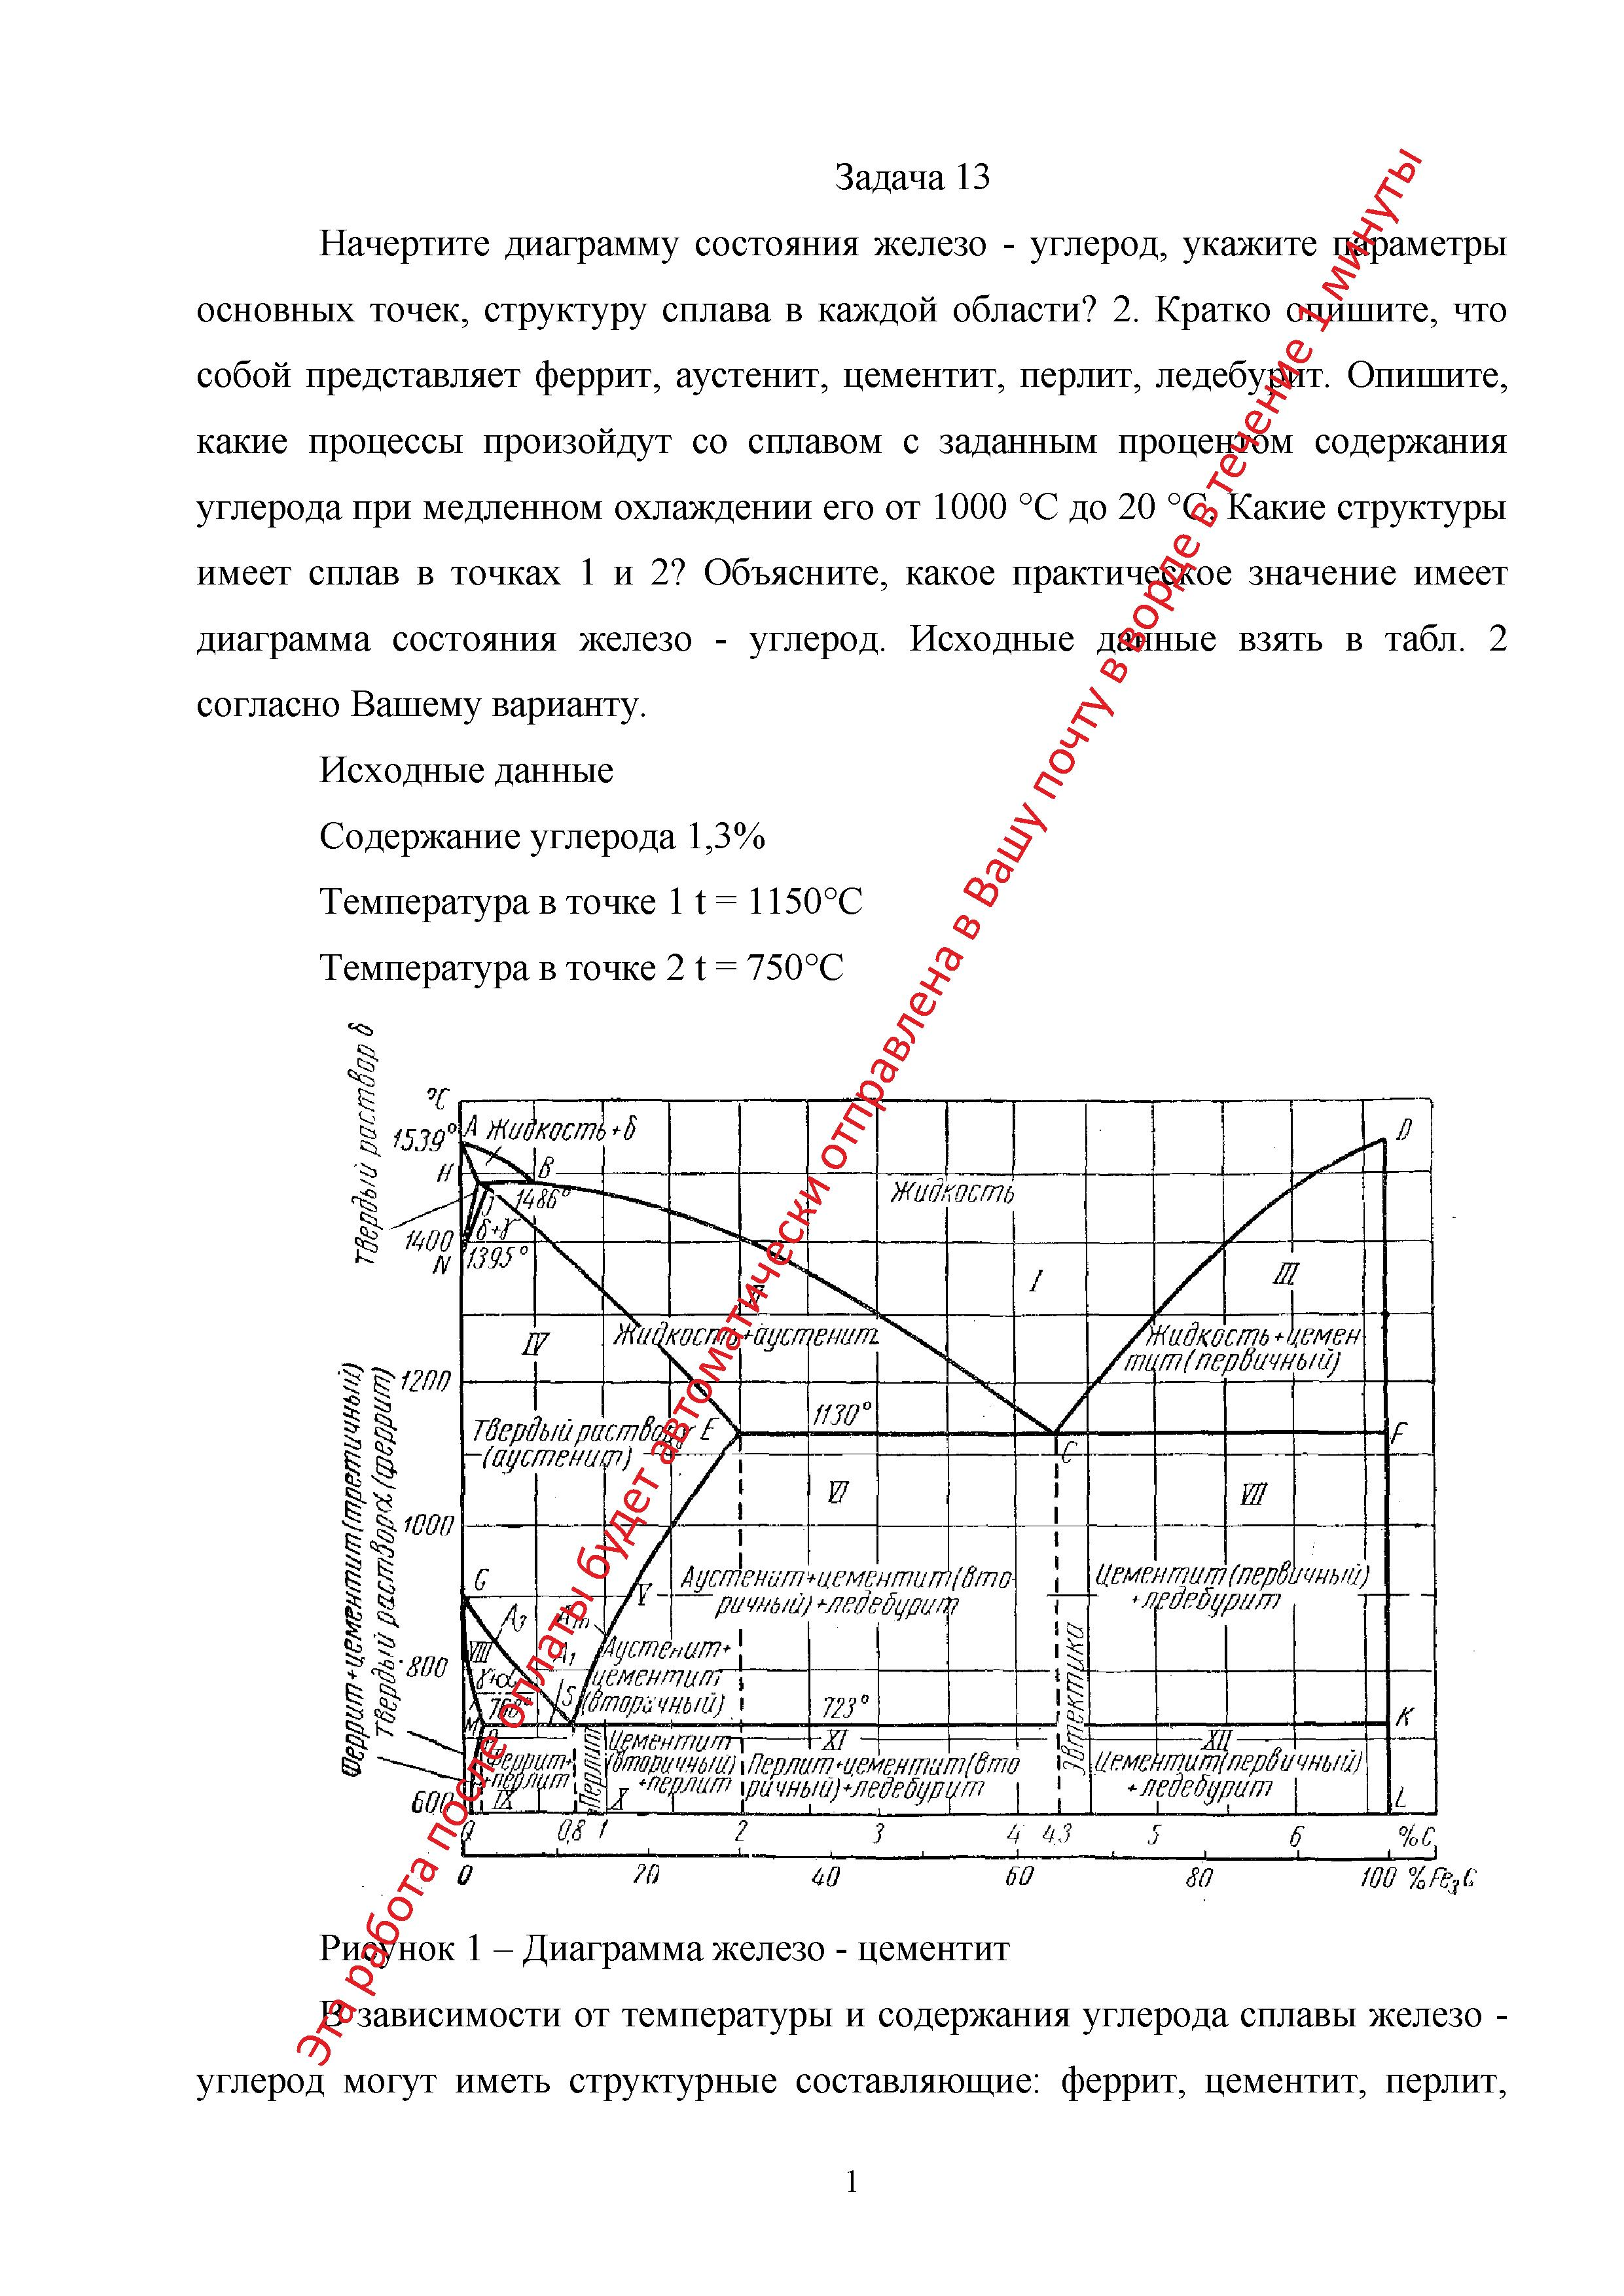 Начертите диаграмму состояния железо - углерод, укажите параметры основных точек, структуру сплава в каждой области  Кратко опишите, что собой представляет феррит аустенит цементит перлит ледебурит